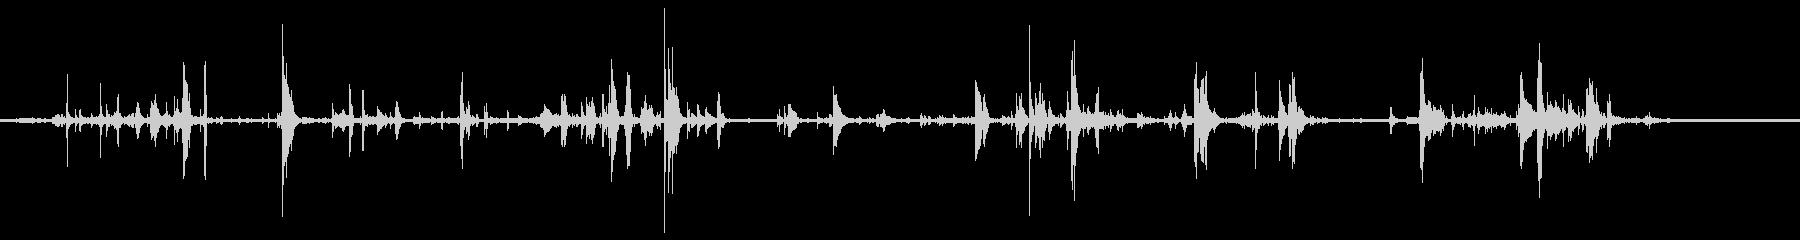 ドアキームーブメントガラガラの未再生の波形